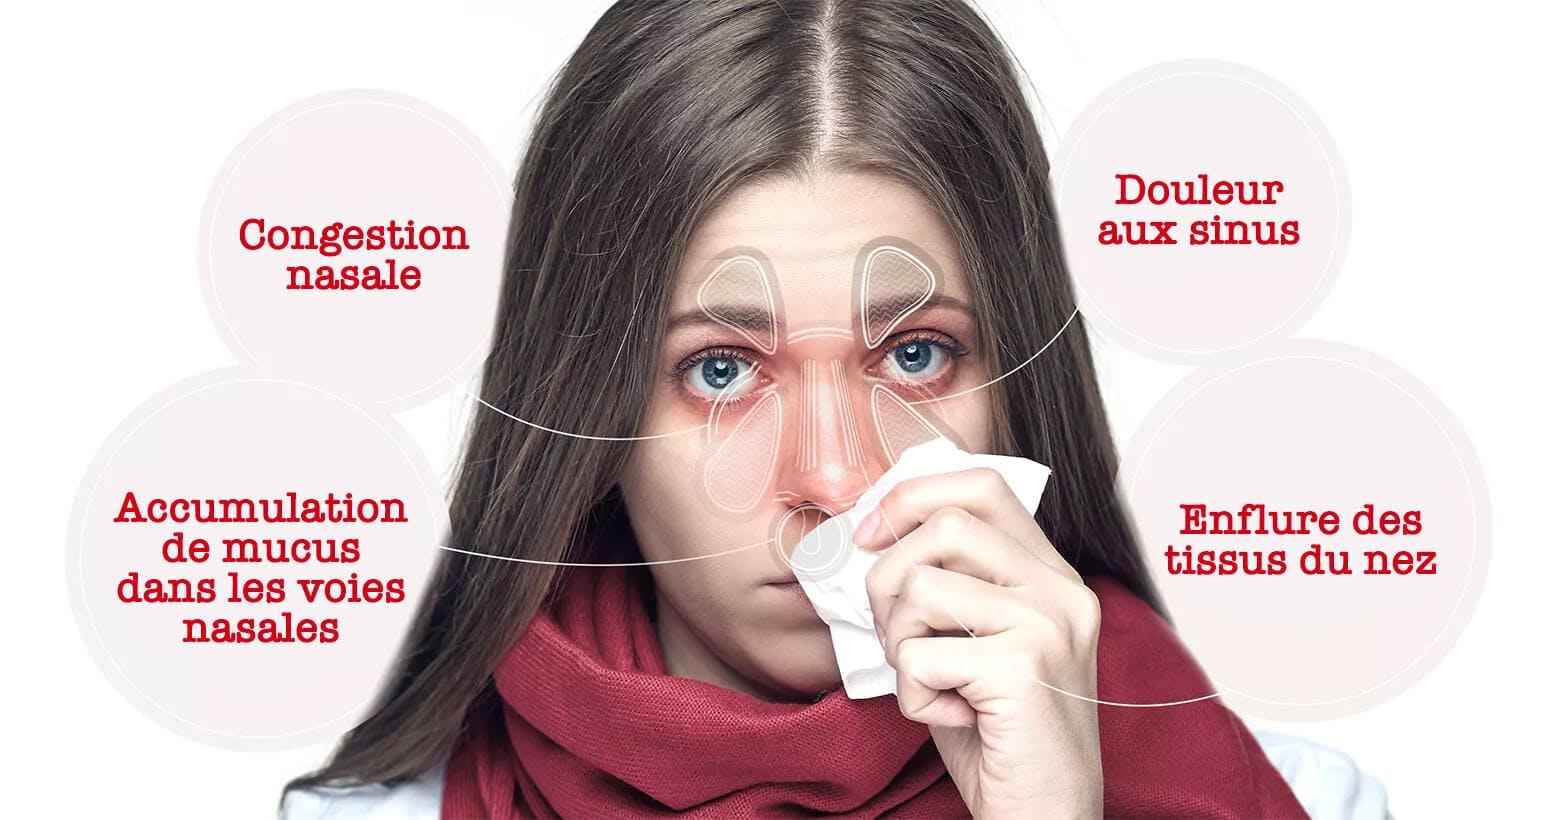 Femme atteinte de symptômes de la congestion nasale